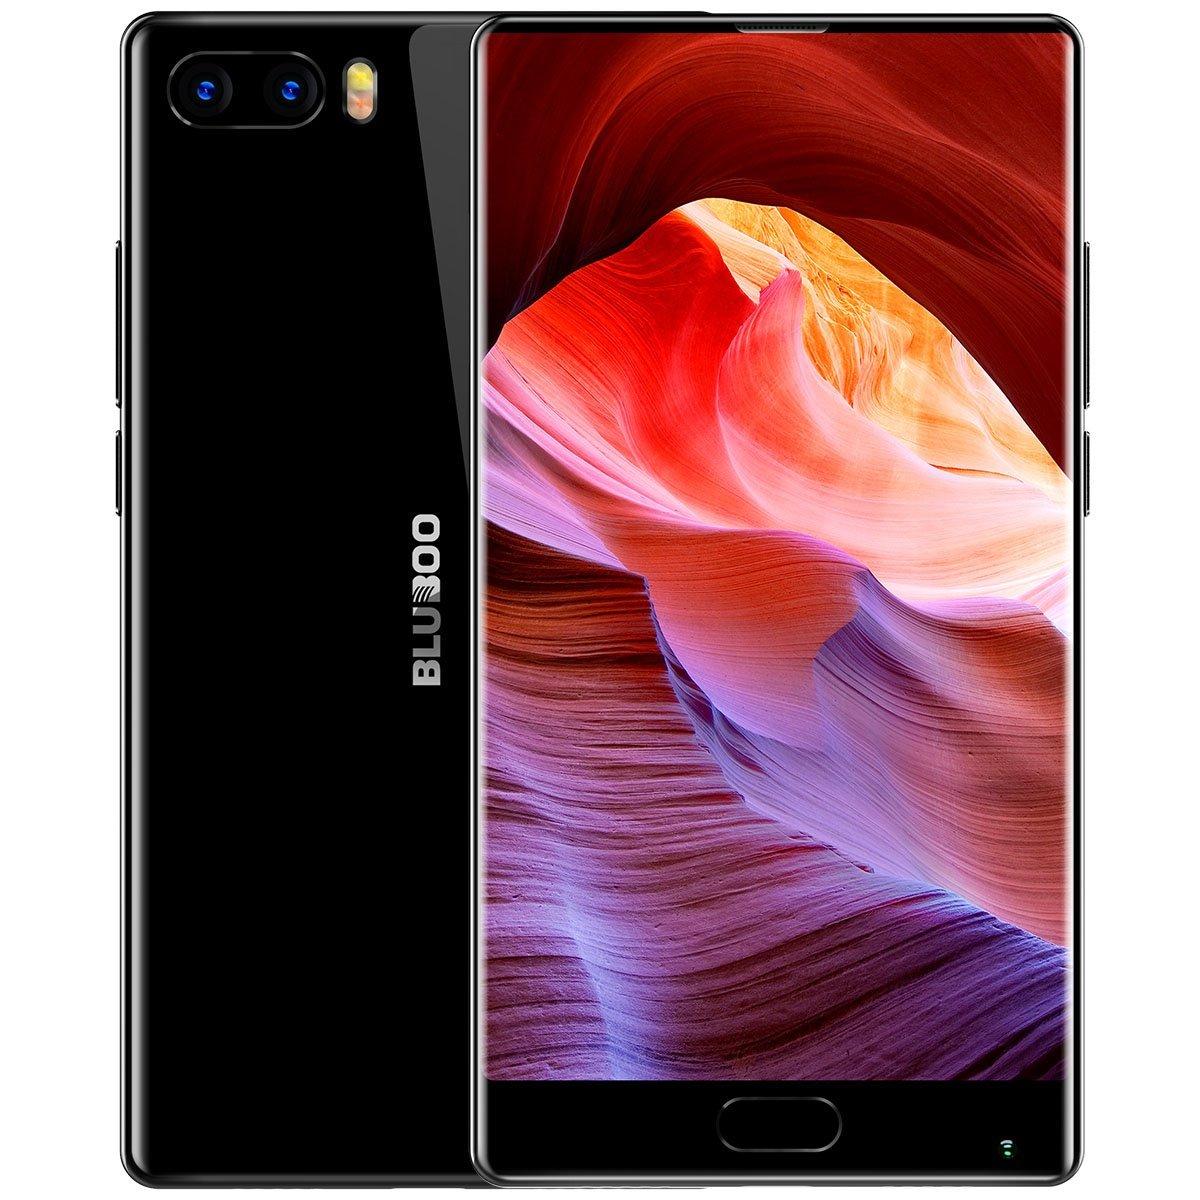 """Smartphone 5.5"""" Bluboo S1 - full HD, Helio P25, 4 Go de RAM, 64 Go (vendeur tiers)"""